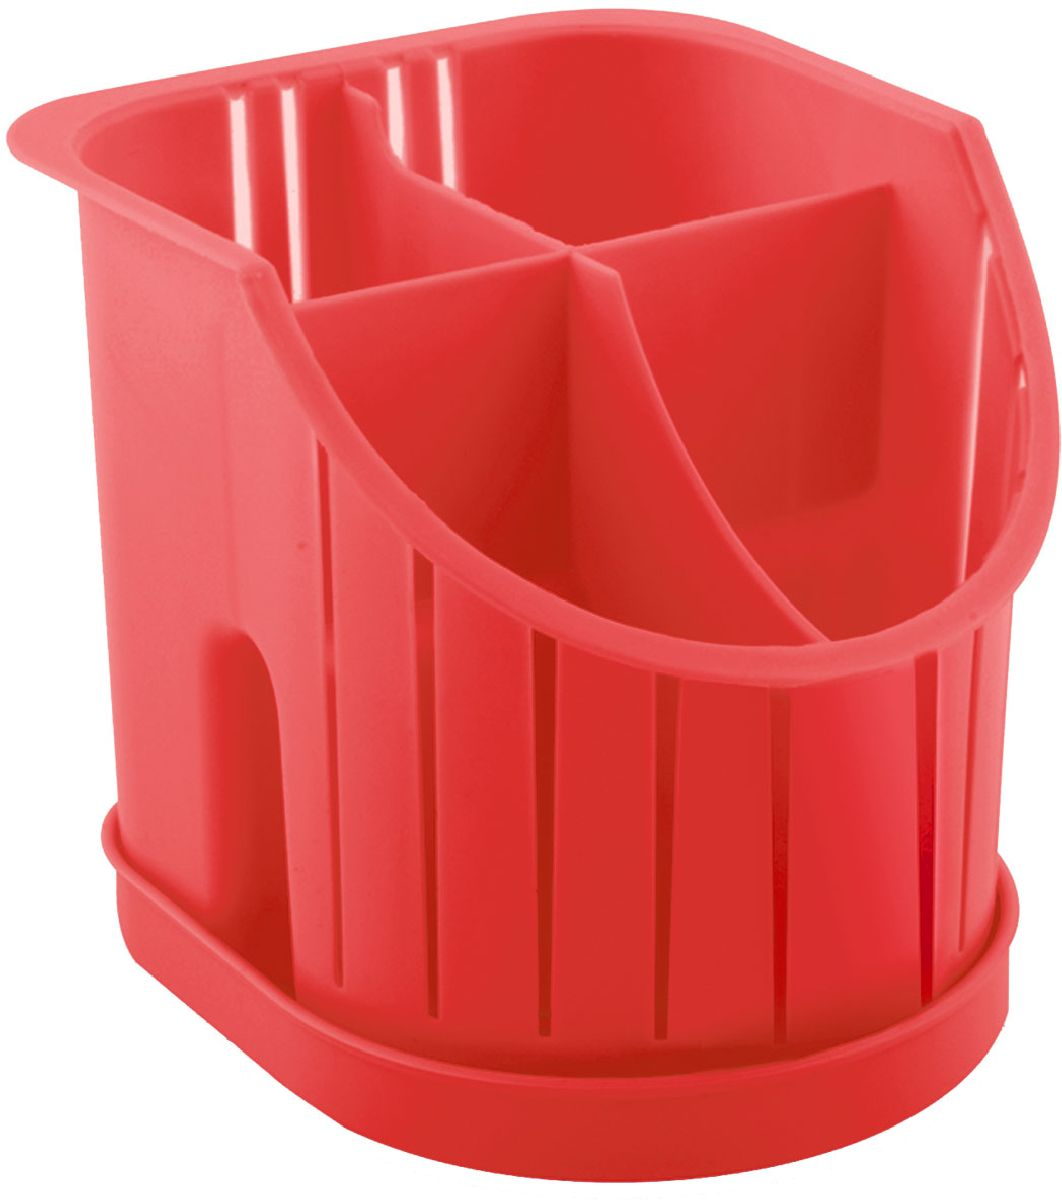 Сушилка для столовых приборов Plastic Centre, 4-секционная, цвет: красный, 16 х 14,2 х 12,8 смПЦ1550КРСушилка для столовых приборов пригодится на любой кухне. Четыре секции позволят сушить или хранить столовые приборы по отдельности (ножи, вилки, ложки и т.п.).Сушилка снабжена поддоном. Размер сушилки: 16 х 14,2 х 12,8 см.